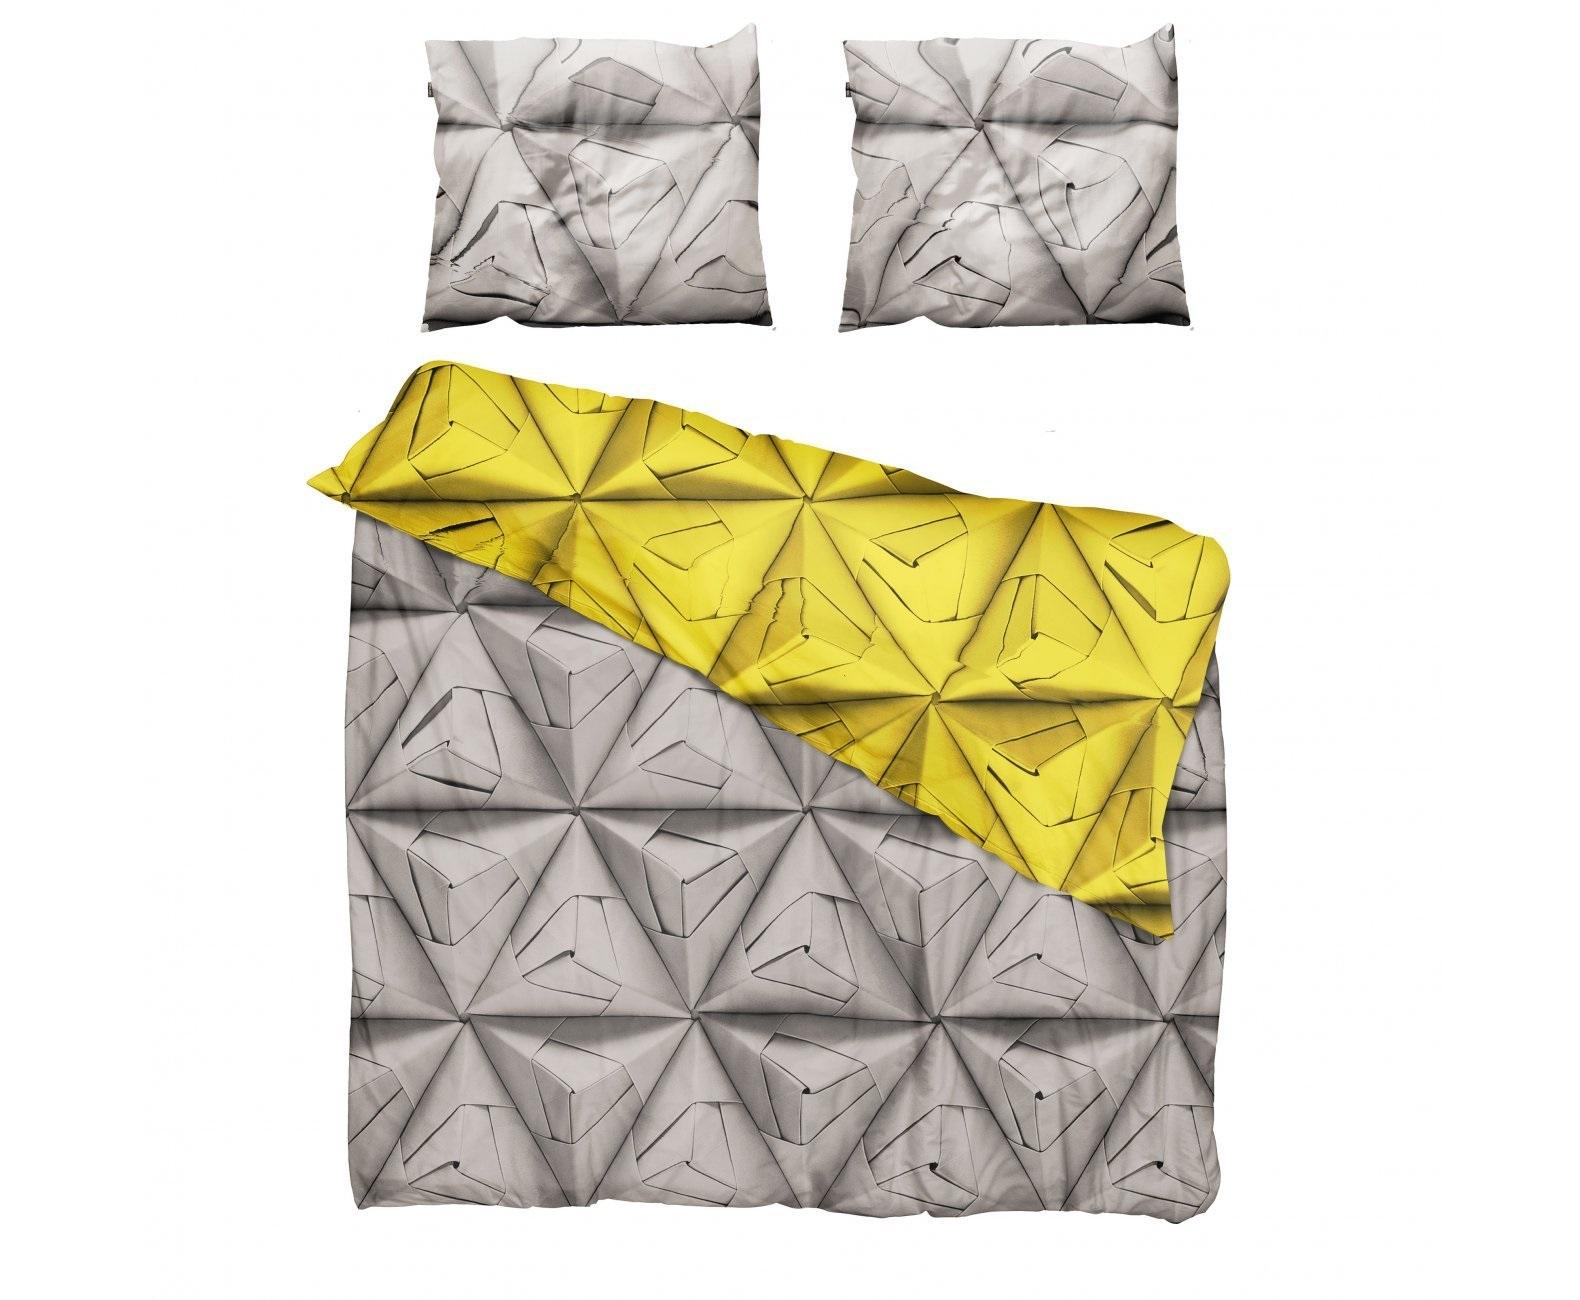 Комплект постельного белья Оригами желтыйДвуспальные комплекты постельного белья<br>Мы обновили наш известный принт Geogami. Раньше он был пестрым, а теперь в нем сочетаются два контрастных цвета. На одной стороне-нейтральный серый цвет, а на другой-остромодный! Комплект существует в горчичном, васильковом и коралловом оттенках.&amp;amp;nbsp;&amp;lt;div&amp;gt;&amp;lt;br&amp;gt;&amp;lt;/div&amp;gt;&amp;lt;div&amp;gt;Материал: 100% хлопок ПЕРКАЛЬ (плотность ткани 214г/м2).&amp;amp;nbsp;&amp;lt;/div&amp;gt;&amp;lt;div&amp;gt;В комплект входит: пододеяльник 200х220см - 1 шт, наволочка 50х70см - 2 шт.&amp;lt;/div&amp;gt;<br><br>Material: Хлопок<br>Length см: 220<br>Width см: 200